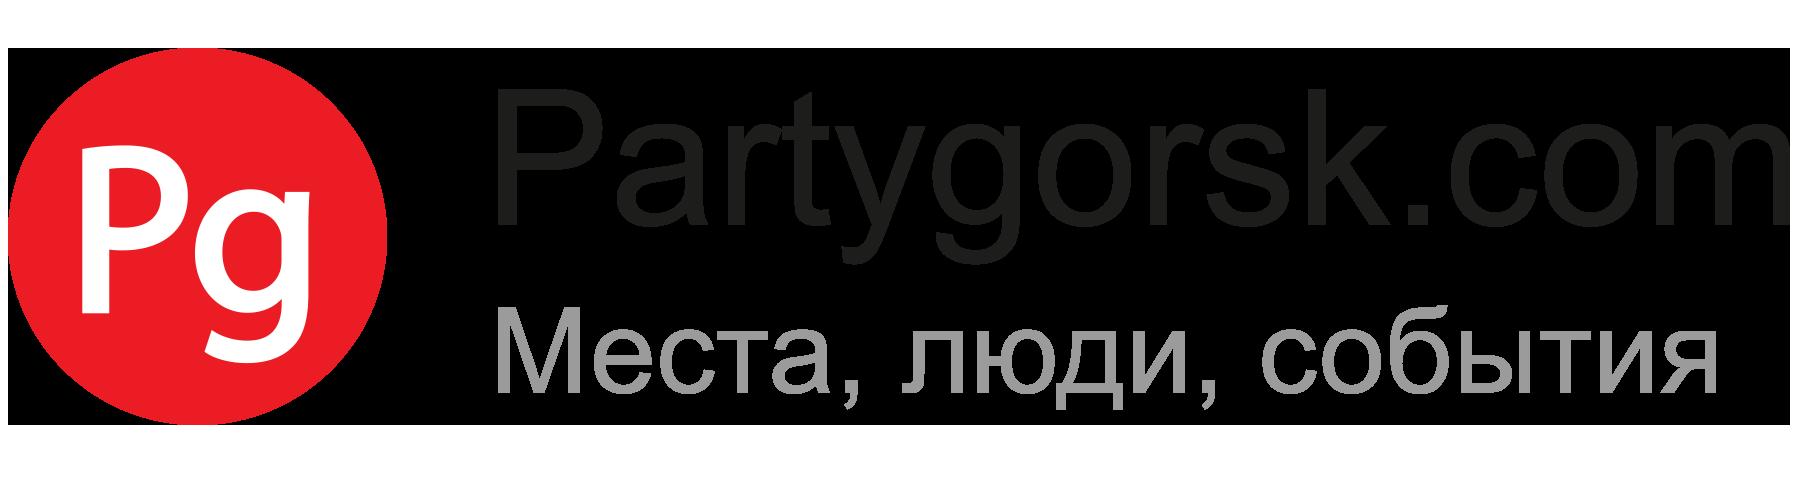 Социальная сеть Кавказских Минеральных Вод Partygorsk.com